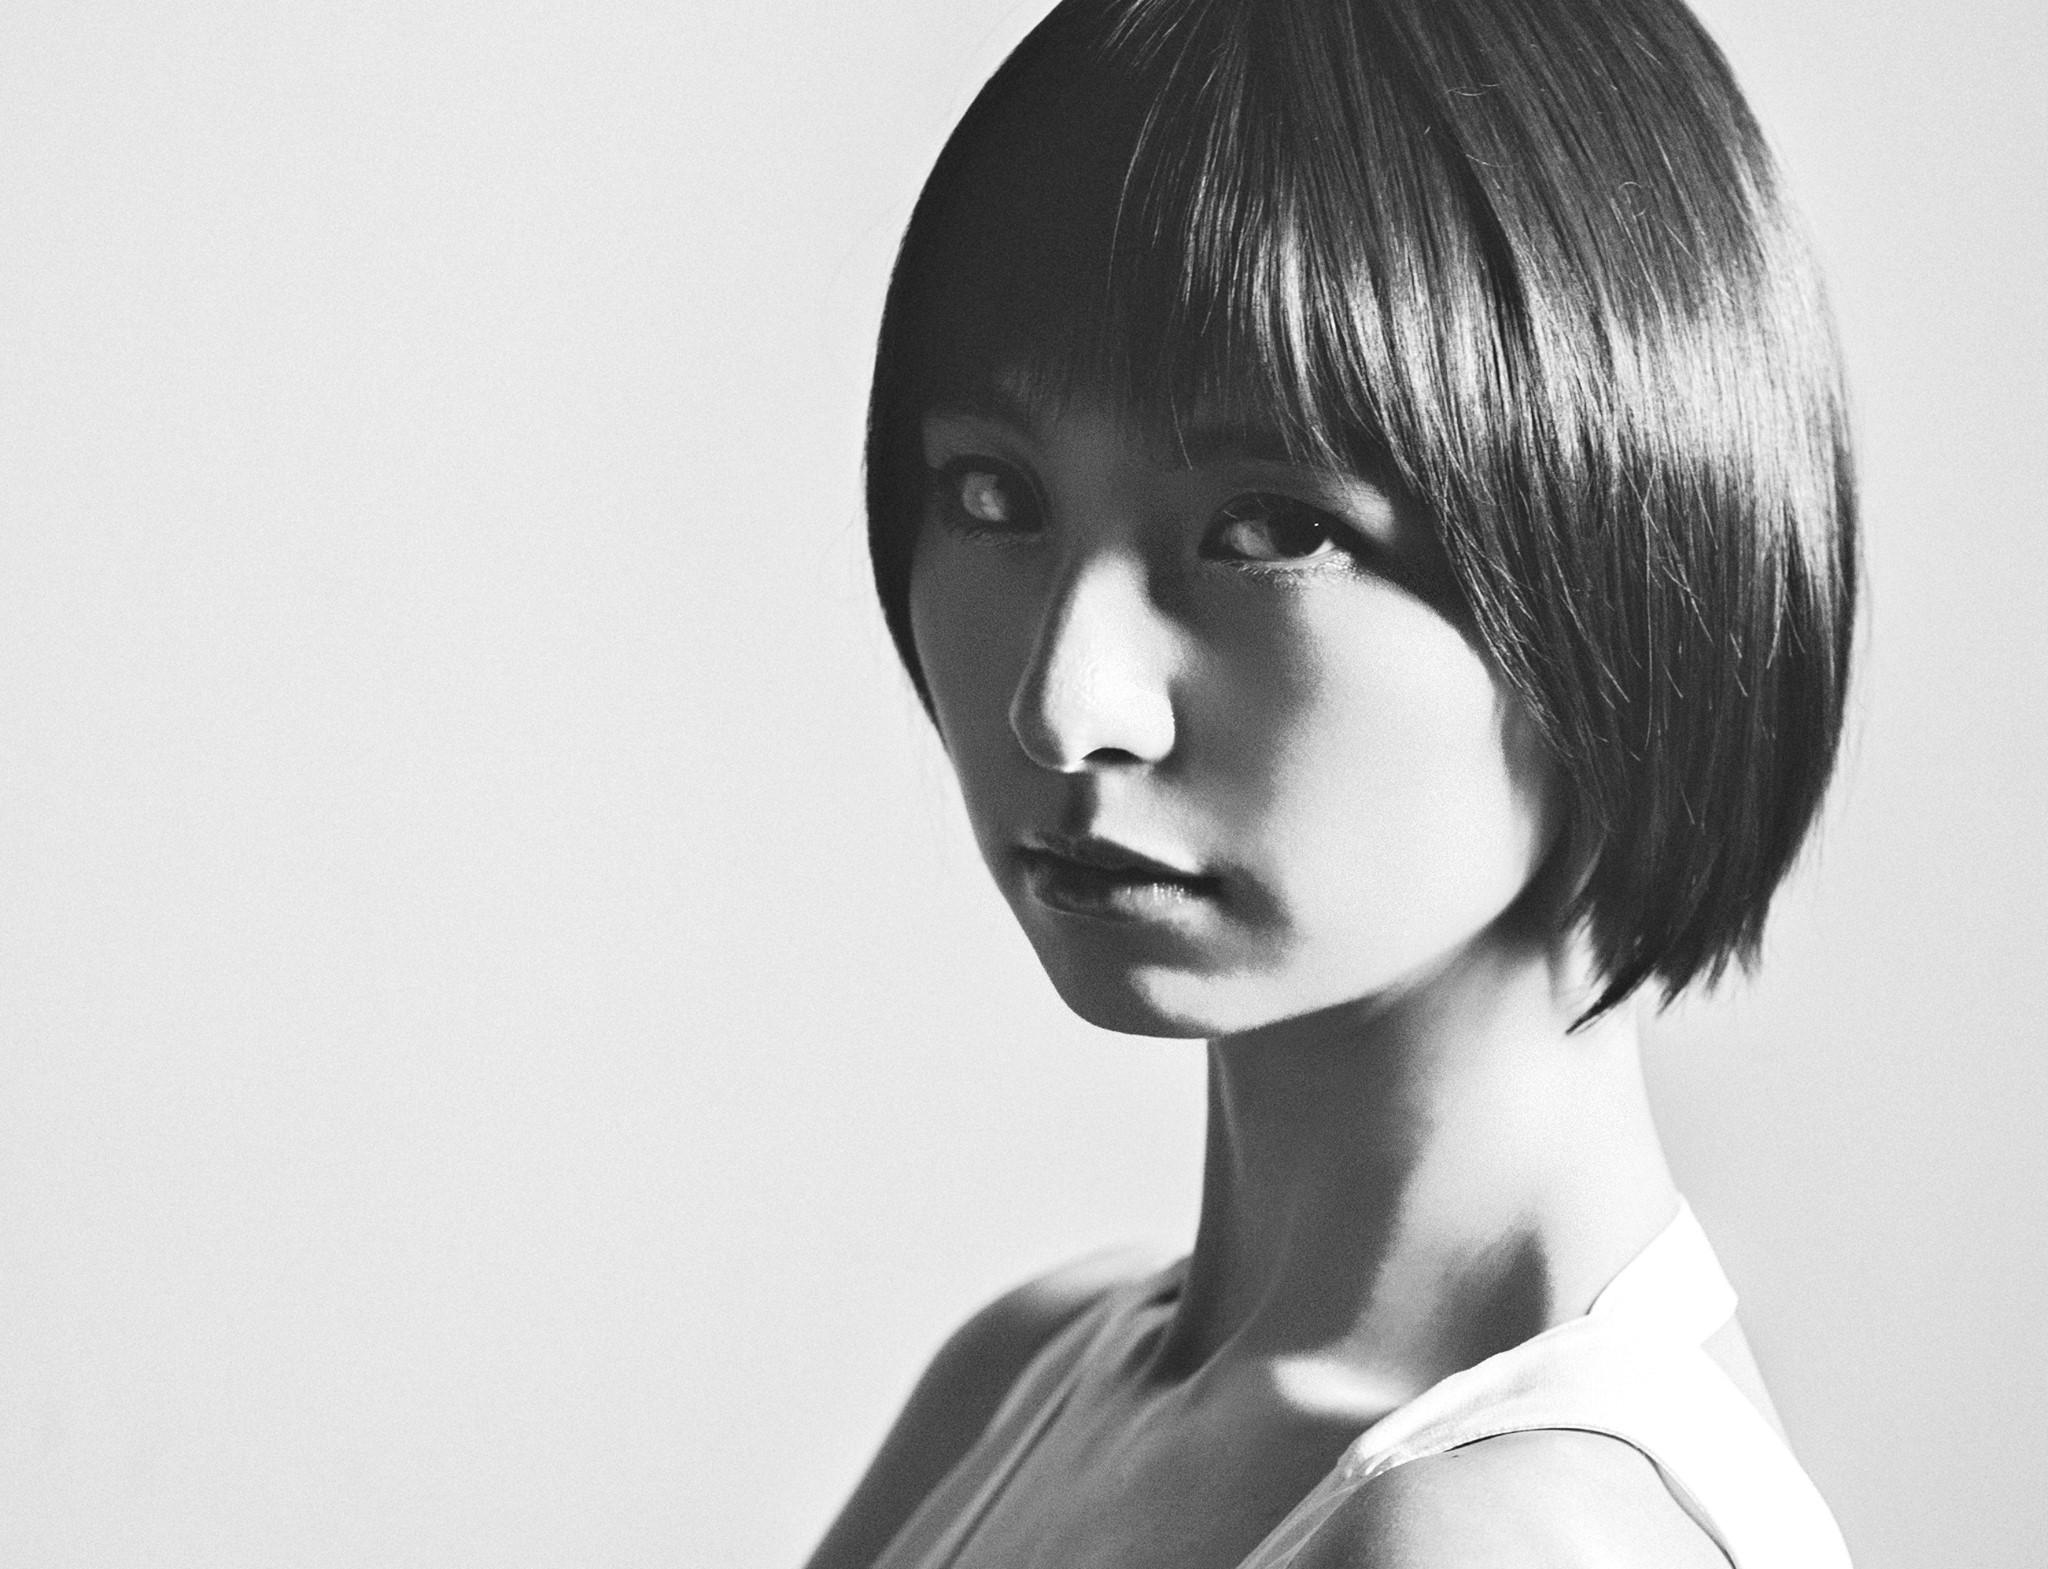 篠田麻里子『RE:BORN リボーン』 (C)「リボーン」製作実行委員会